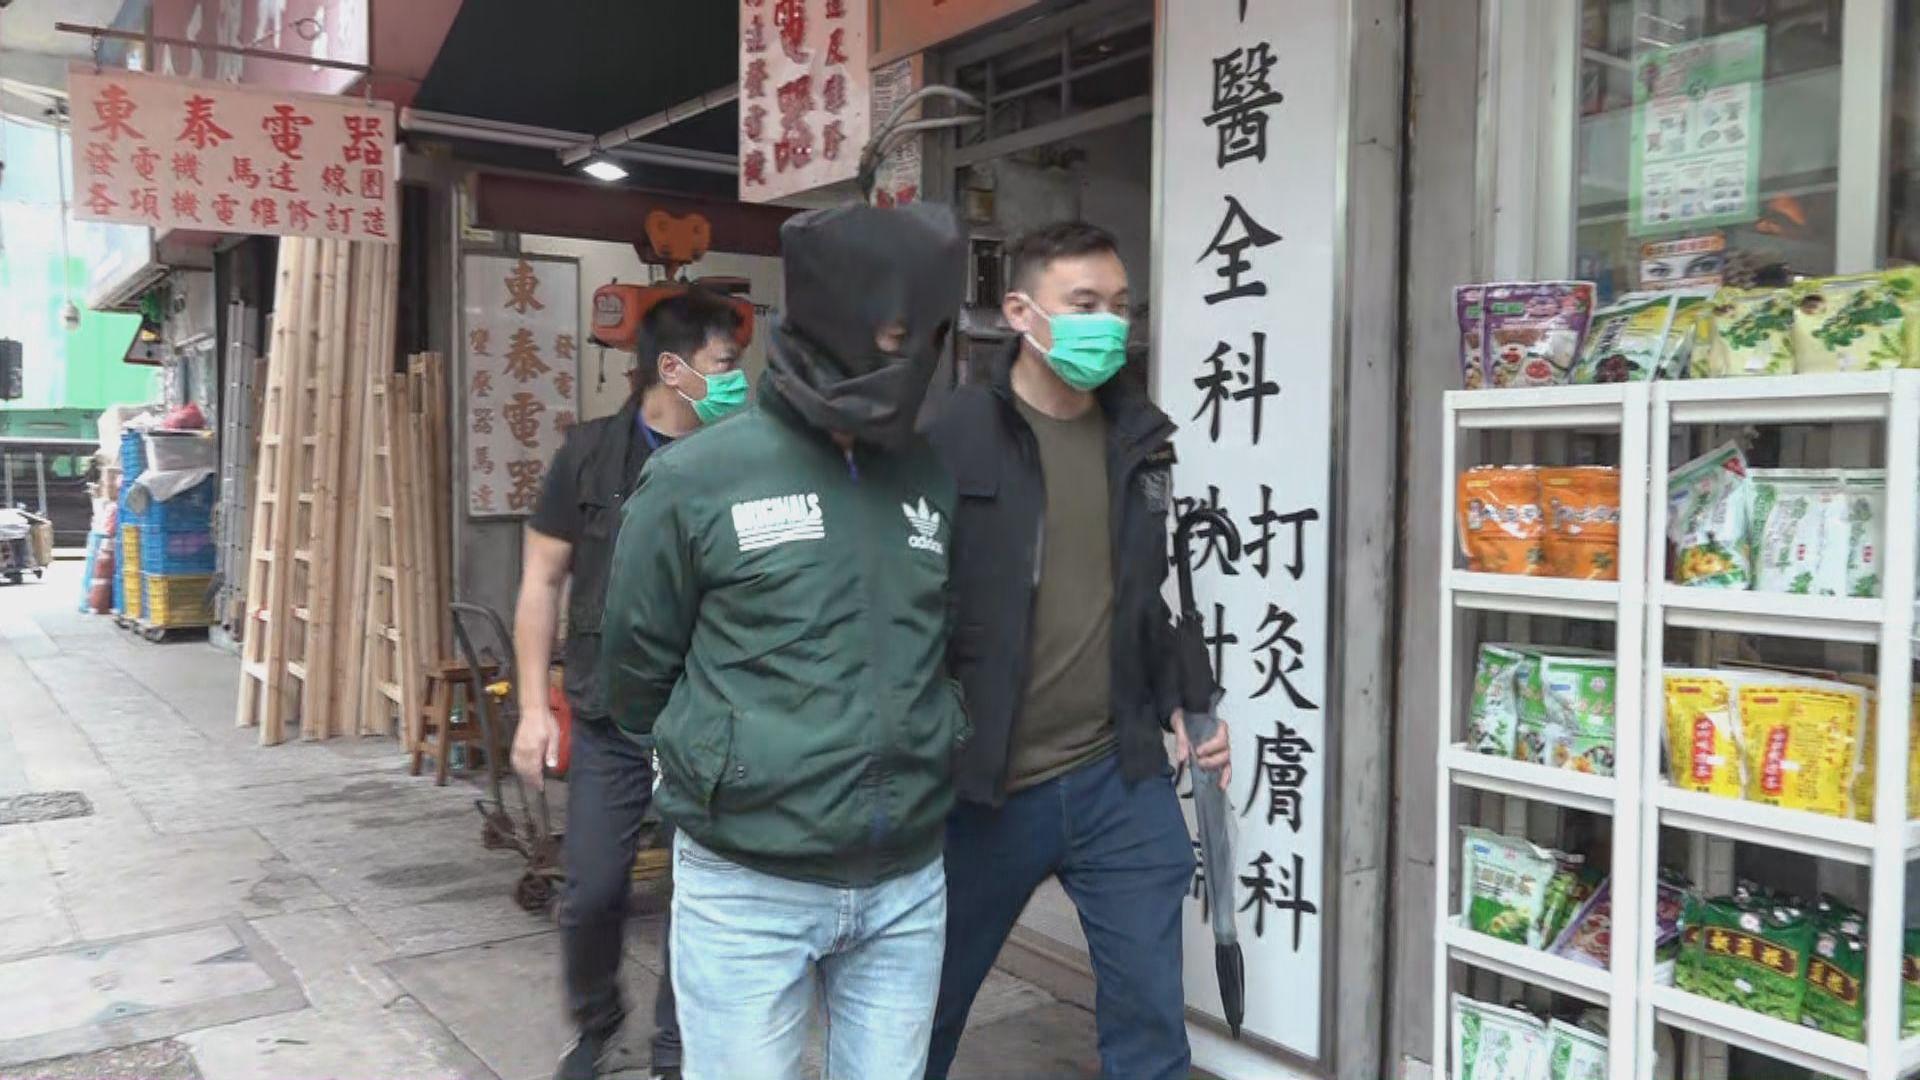 警拘一男涉旺角與大埔19宗竊案